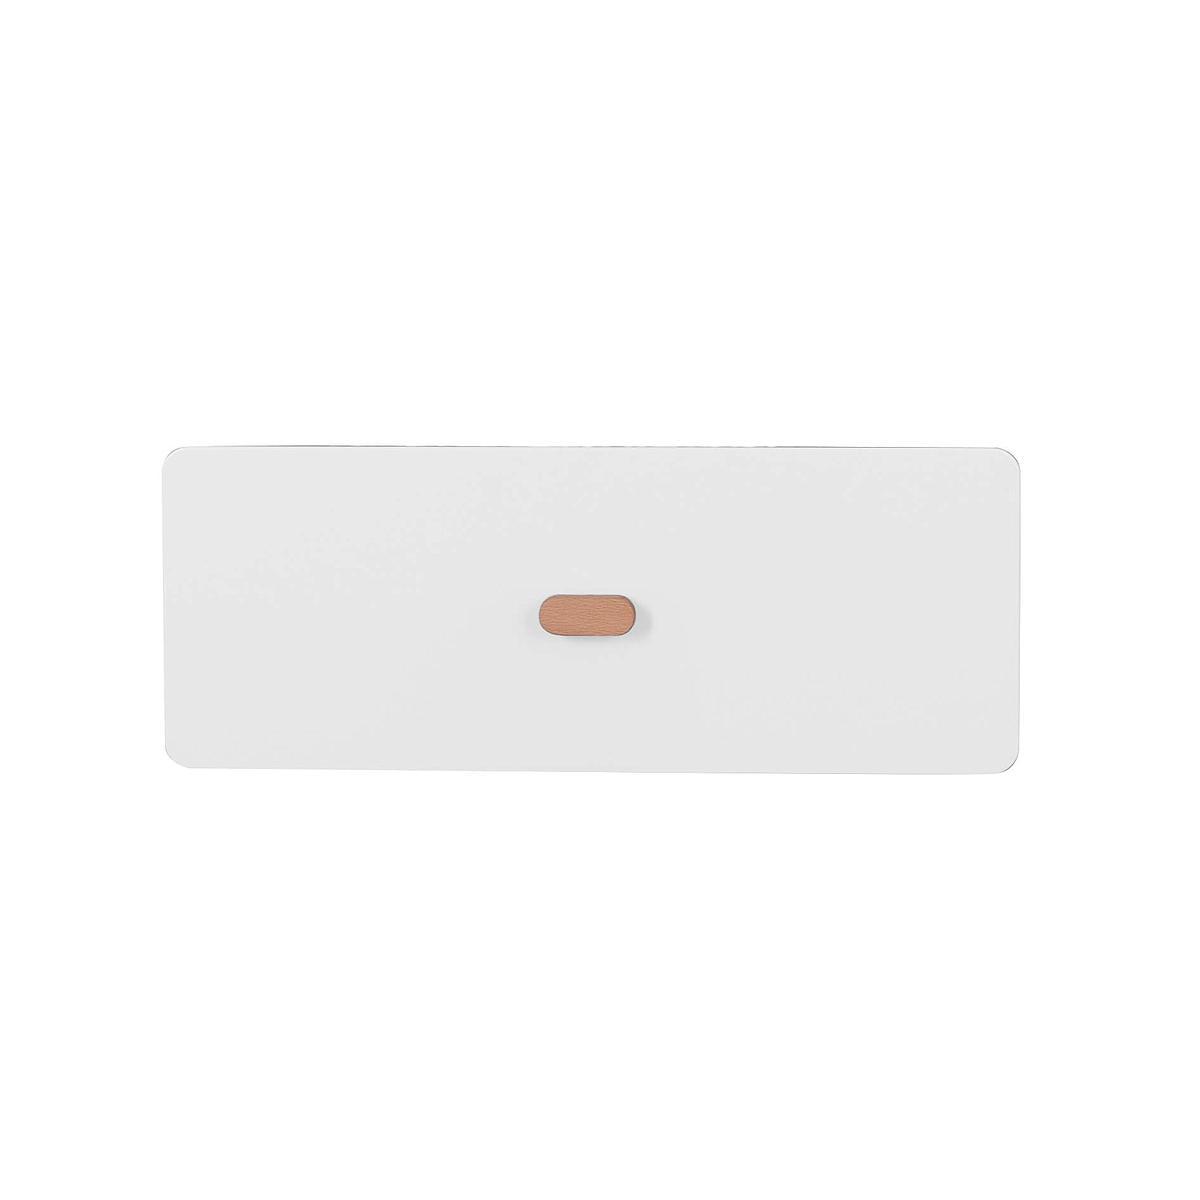 Schubladenblende einzeln 17cm-Griff DESTYLE Debreuyn  MDF weiß-lackiert